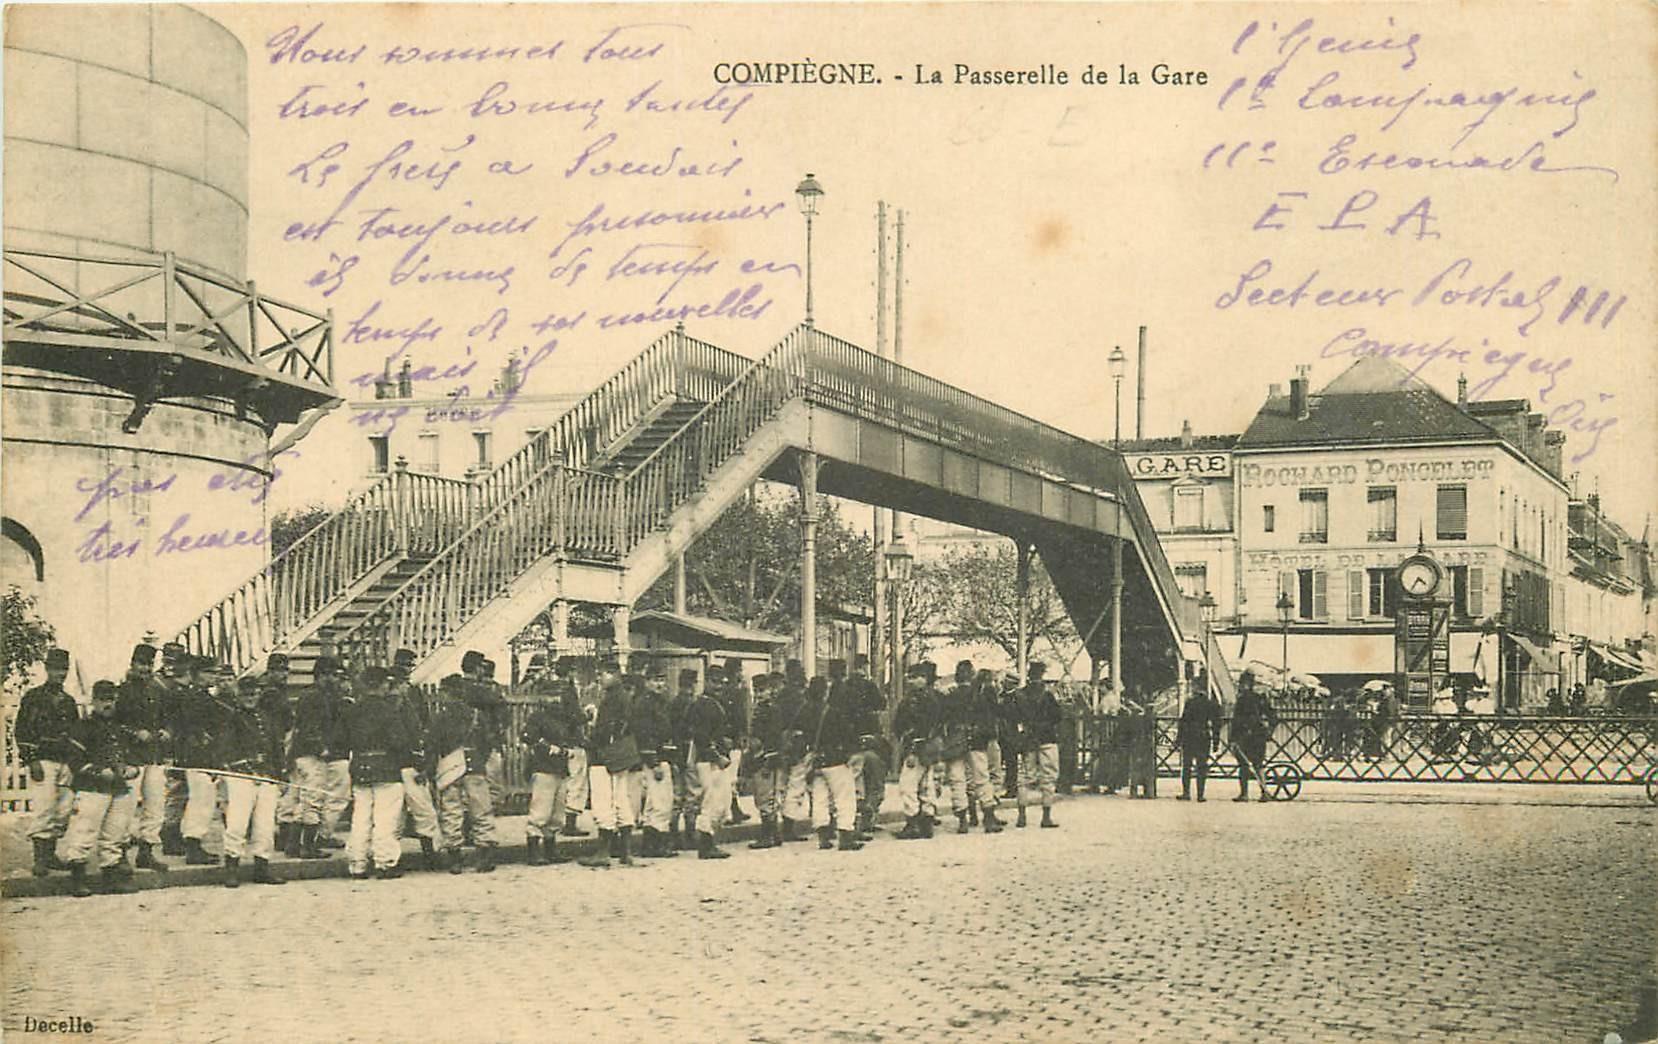 60 COMPIEGNE. La Passerelle de la Gare avec Militaires 1915